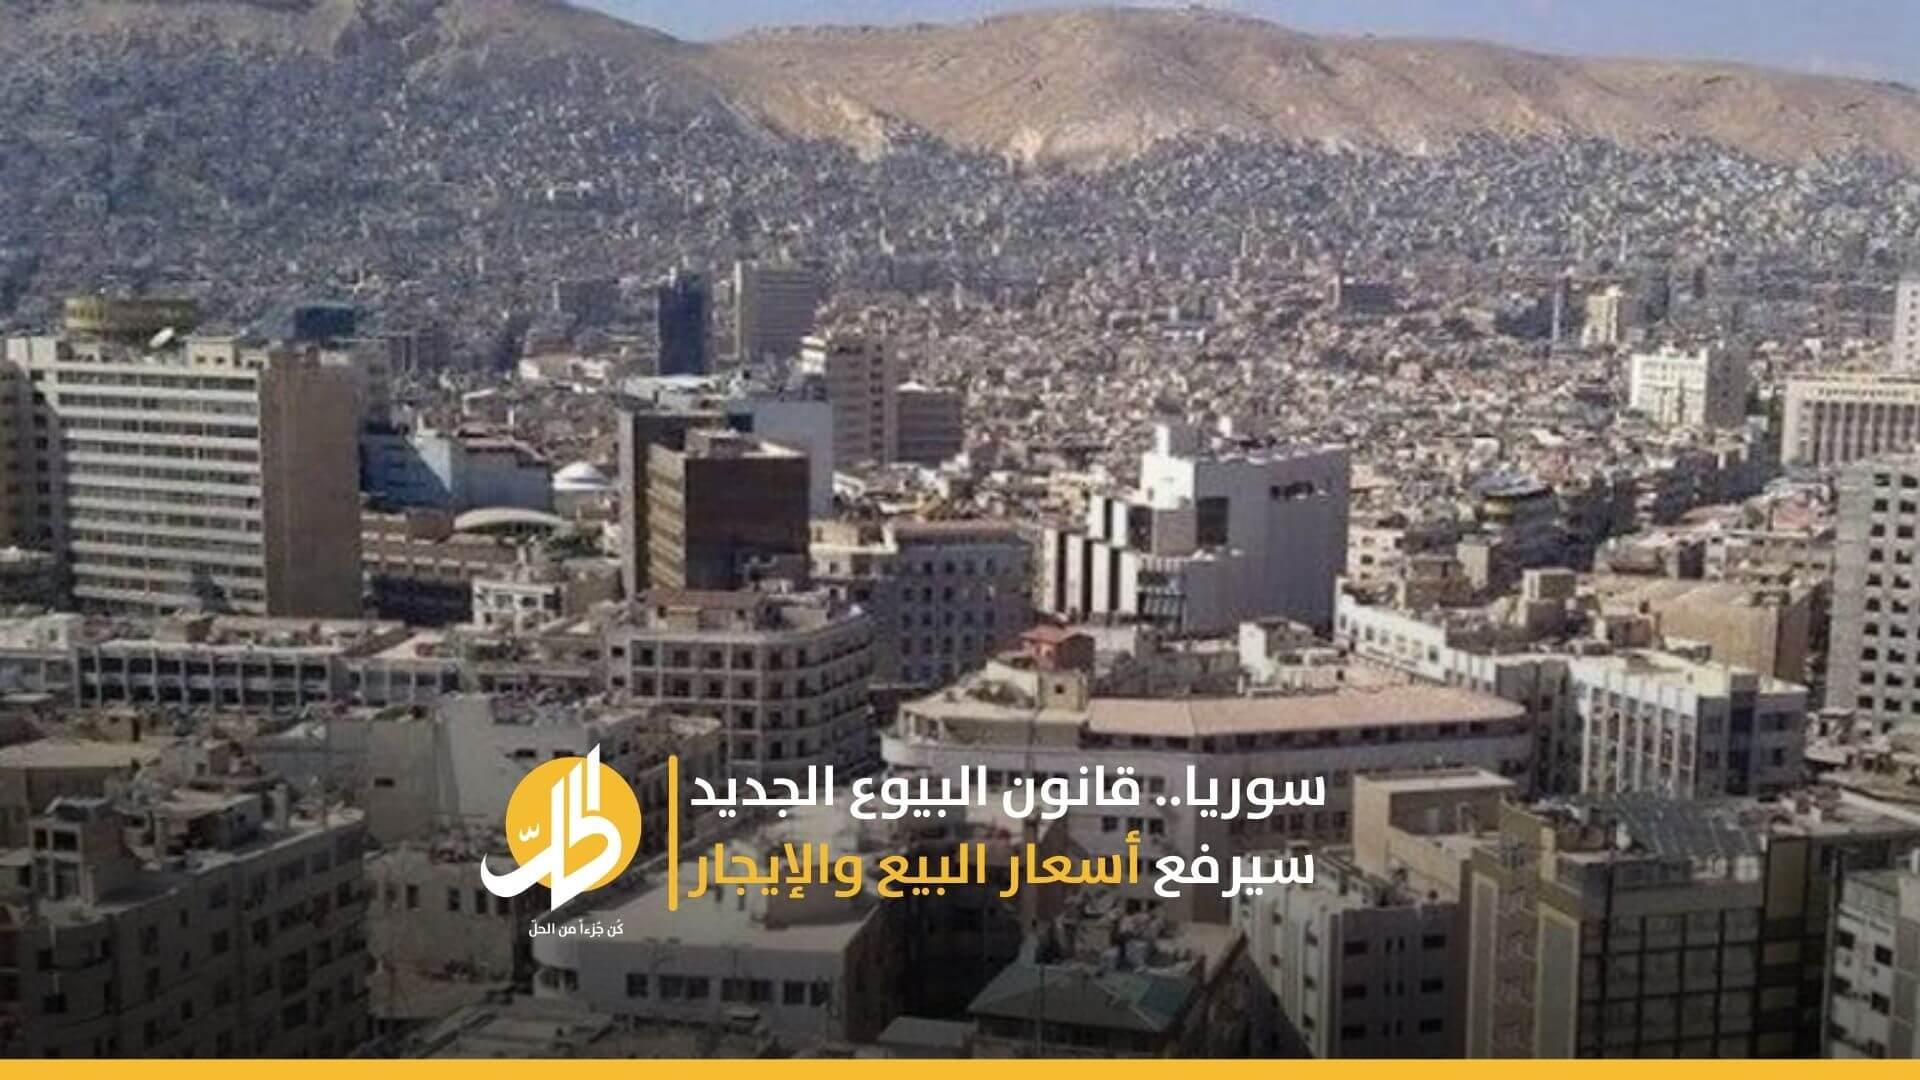 سوريا.. قانون البيوع الجديد سيرفع أسعار البيع والإيجار